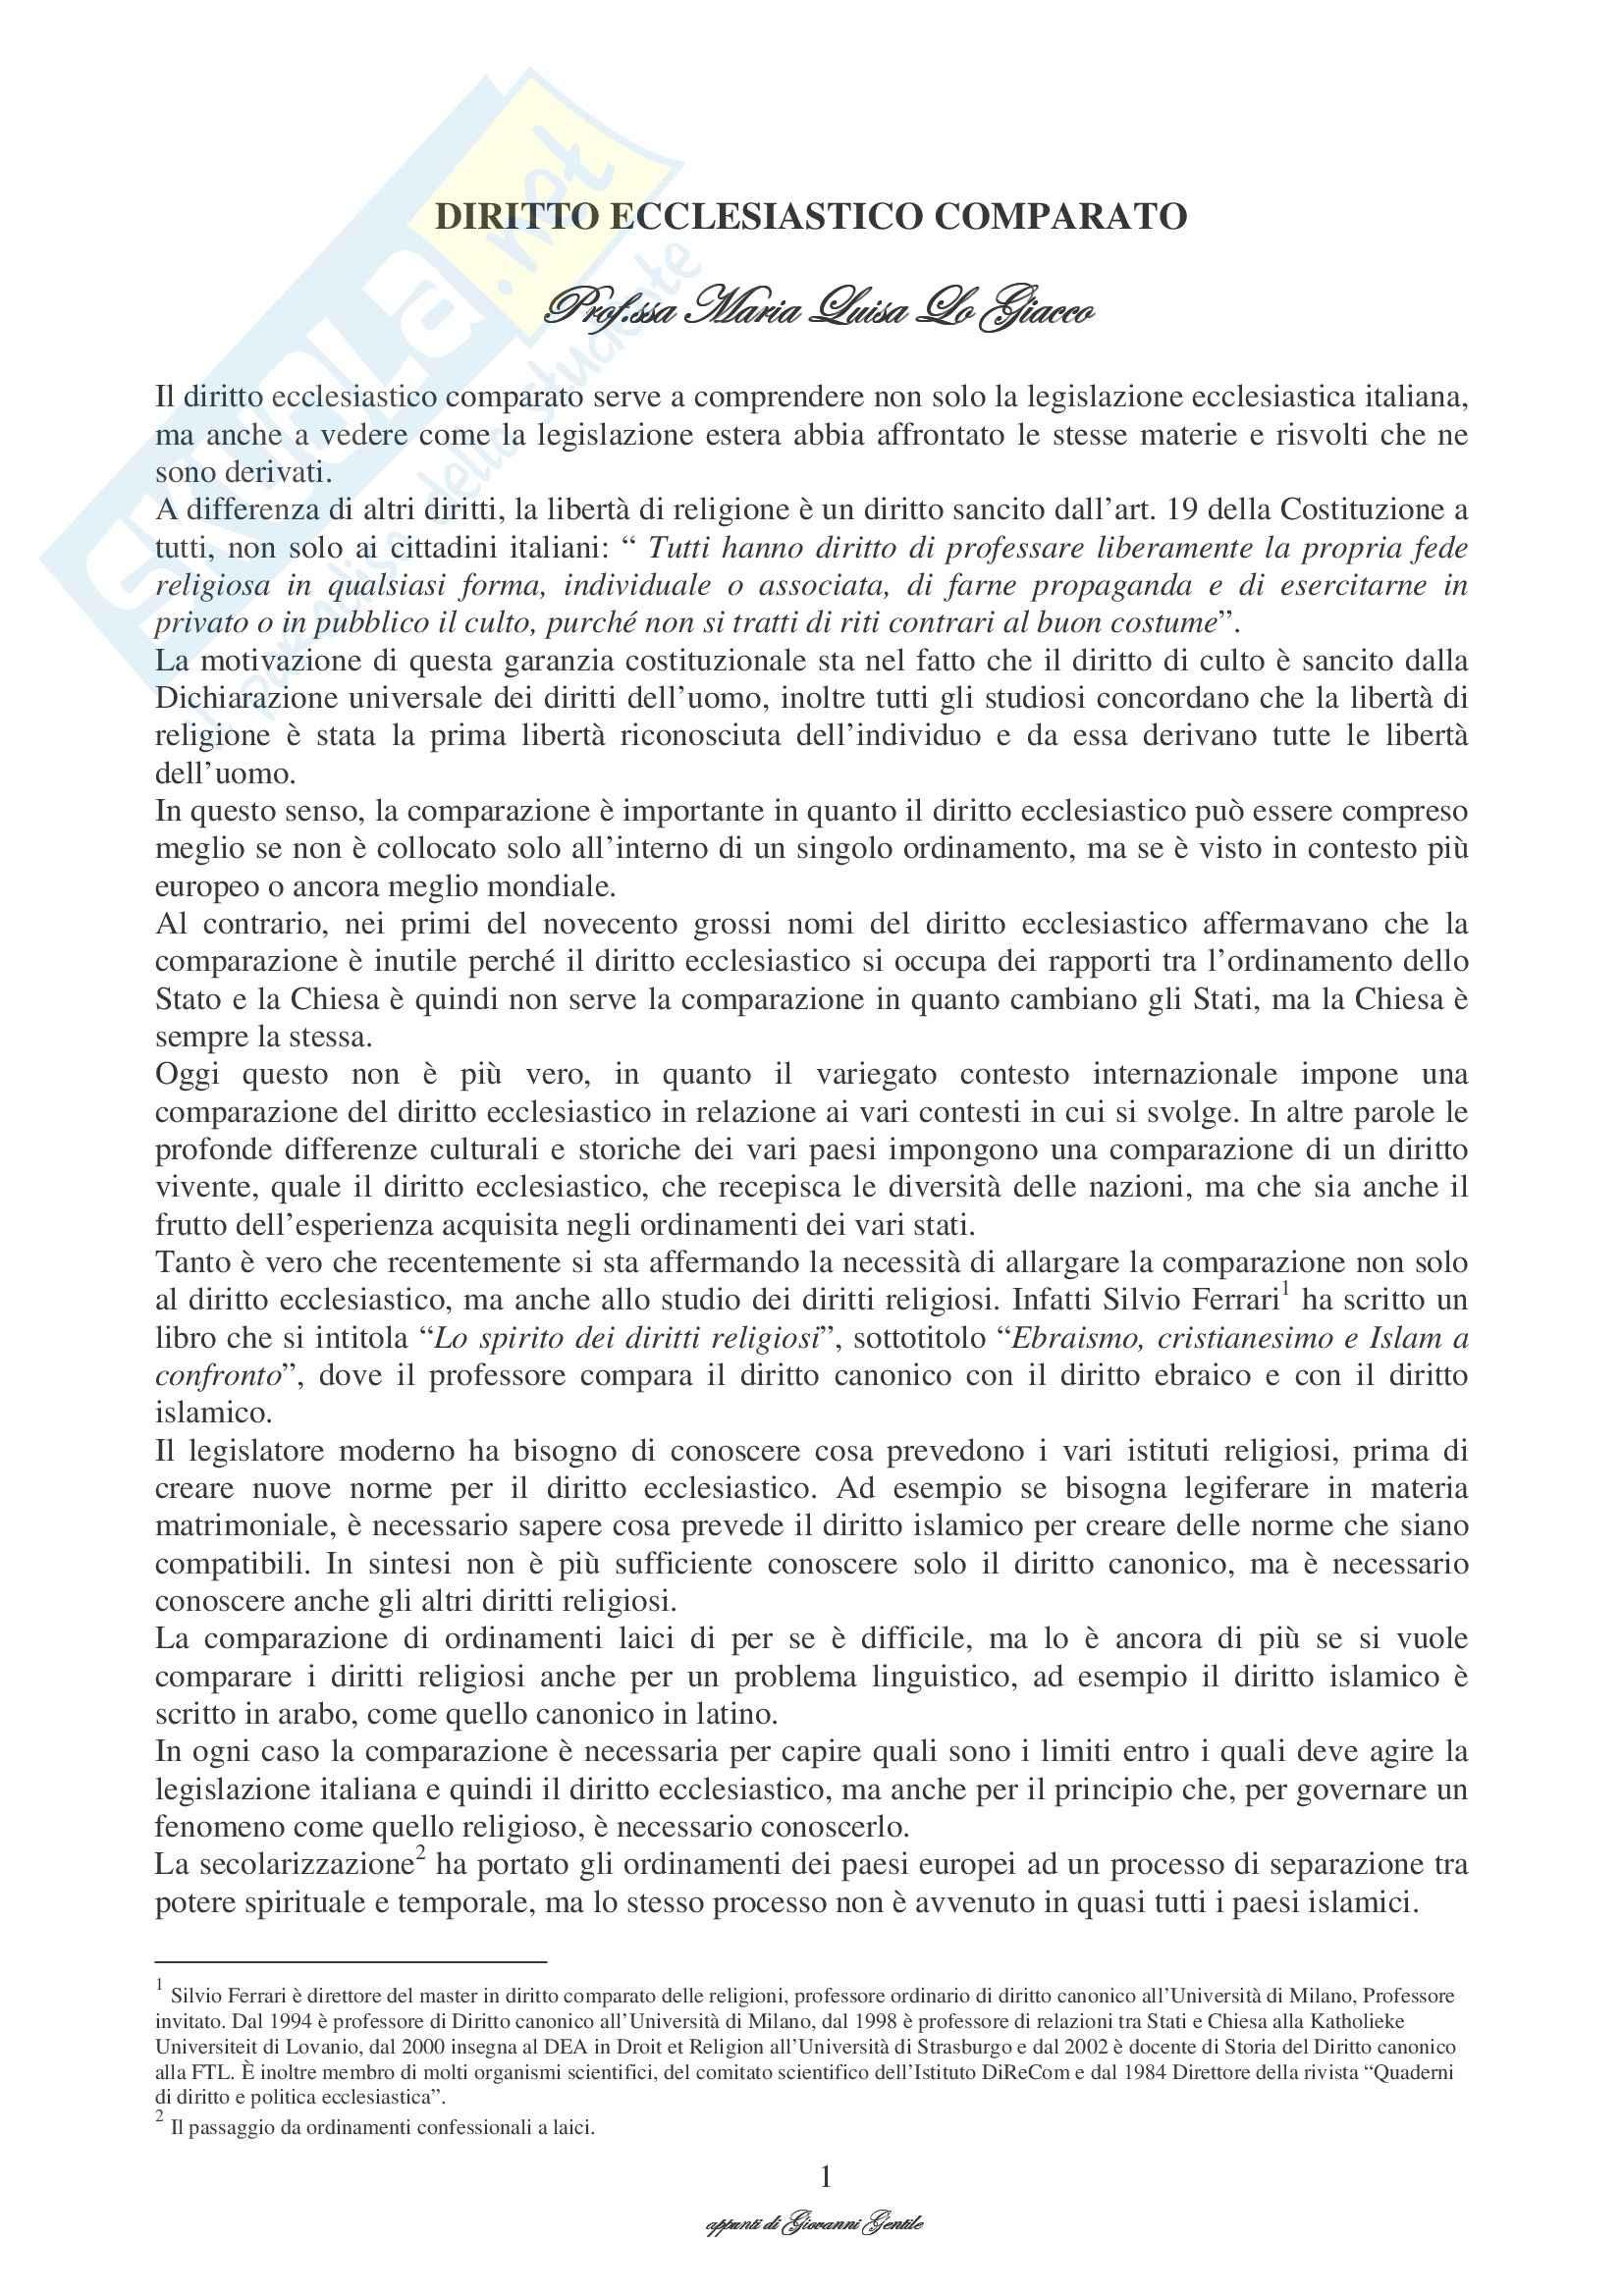 Diritto ecclesiastico comparato - Appunti